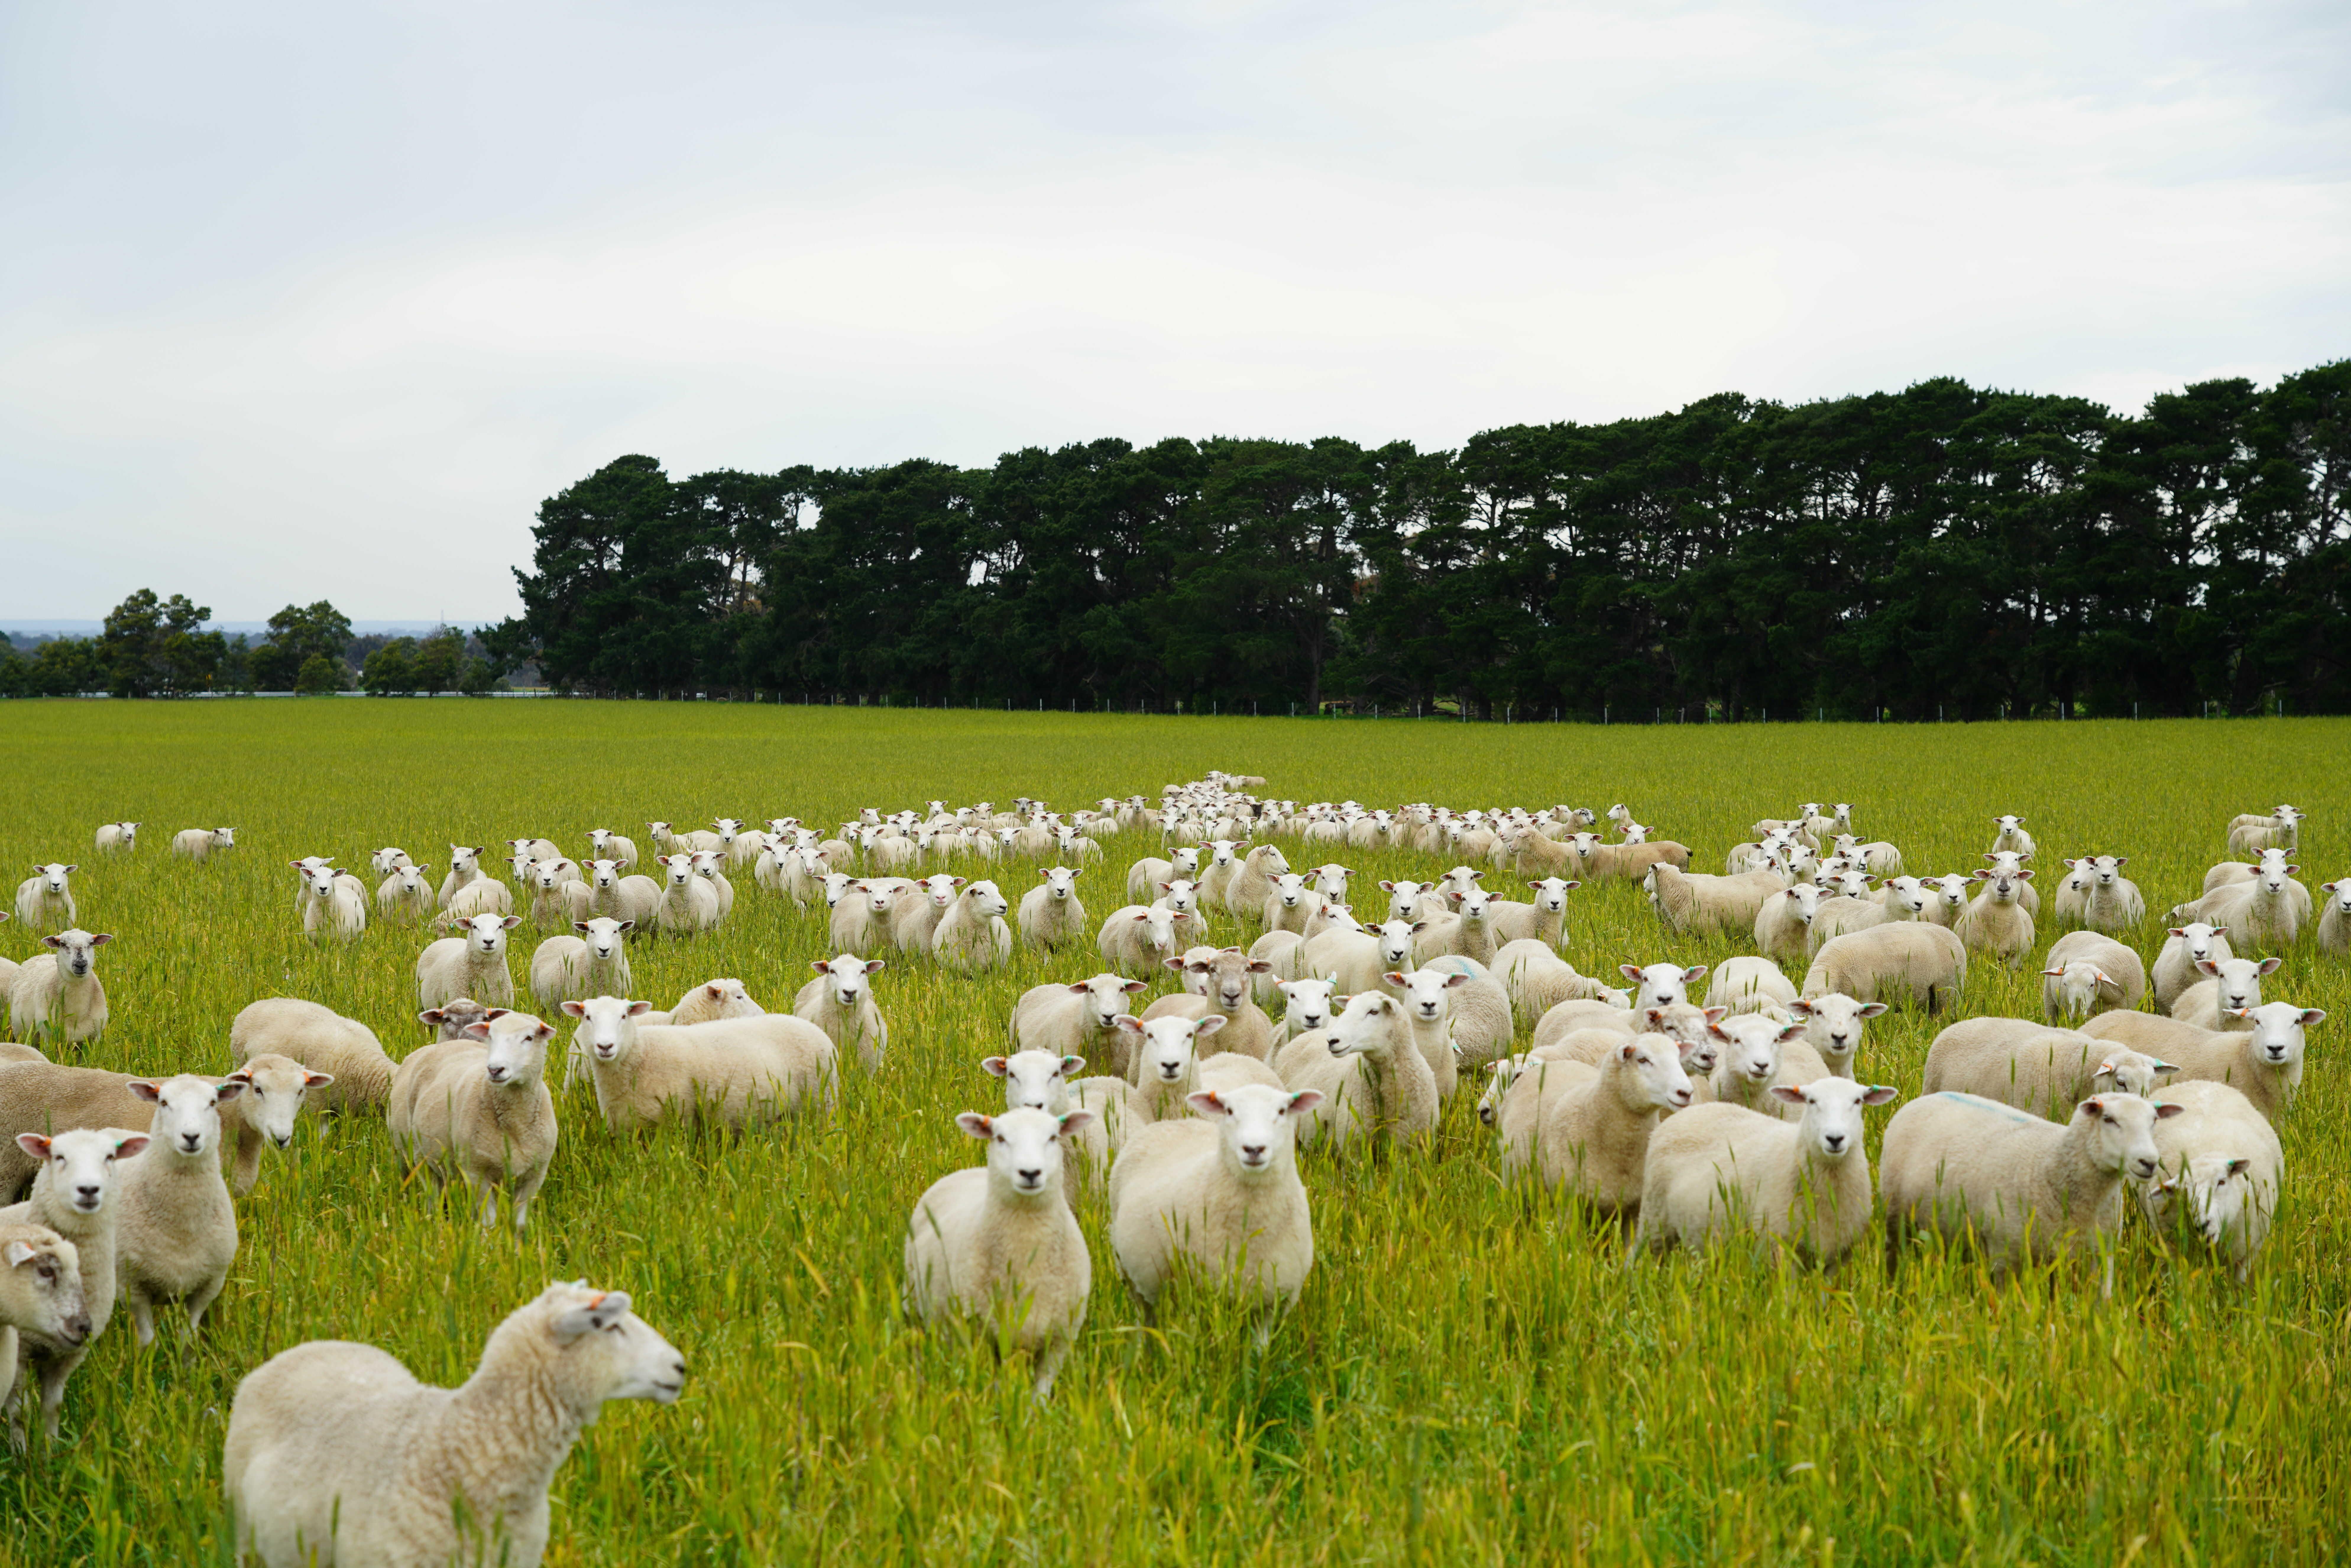 Flock of footrot free fine-wool sheep in a green field